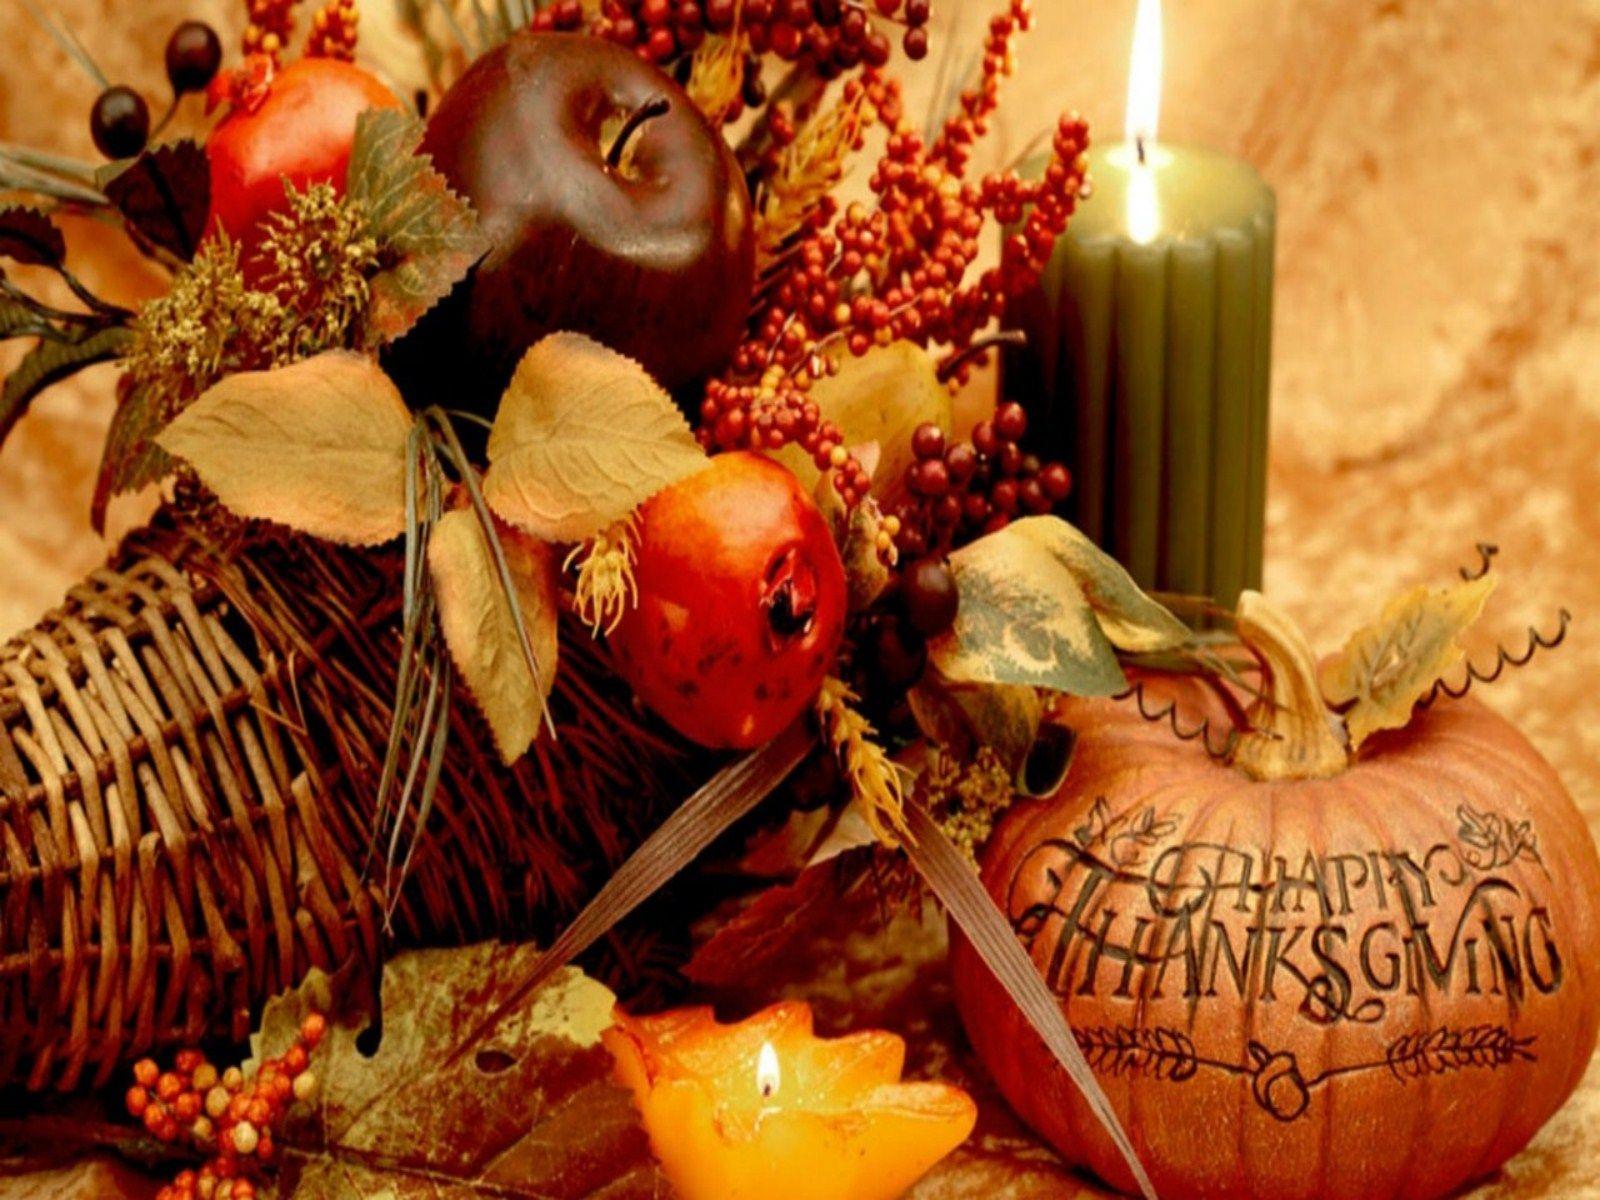 Открытка на день благодарения